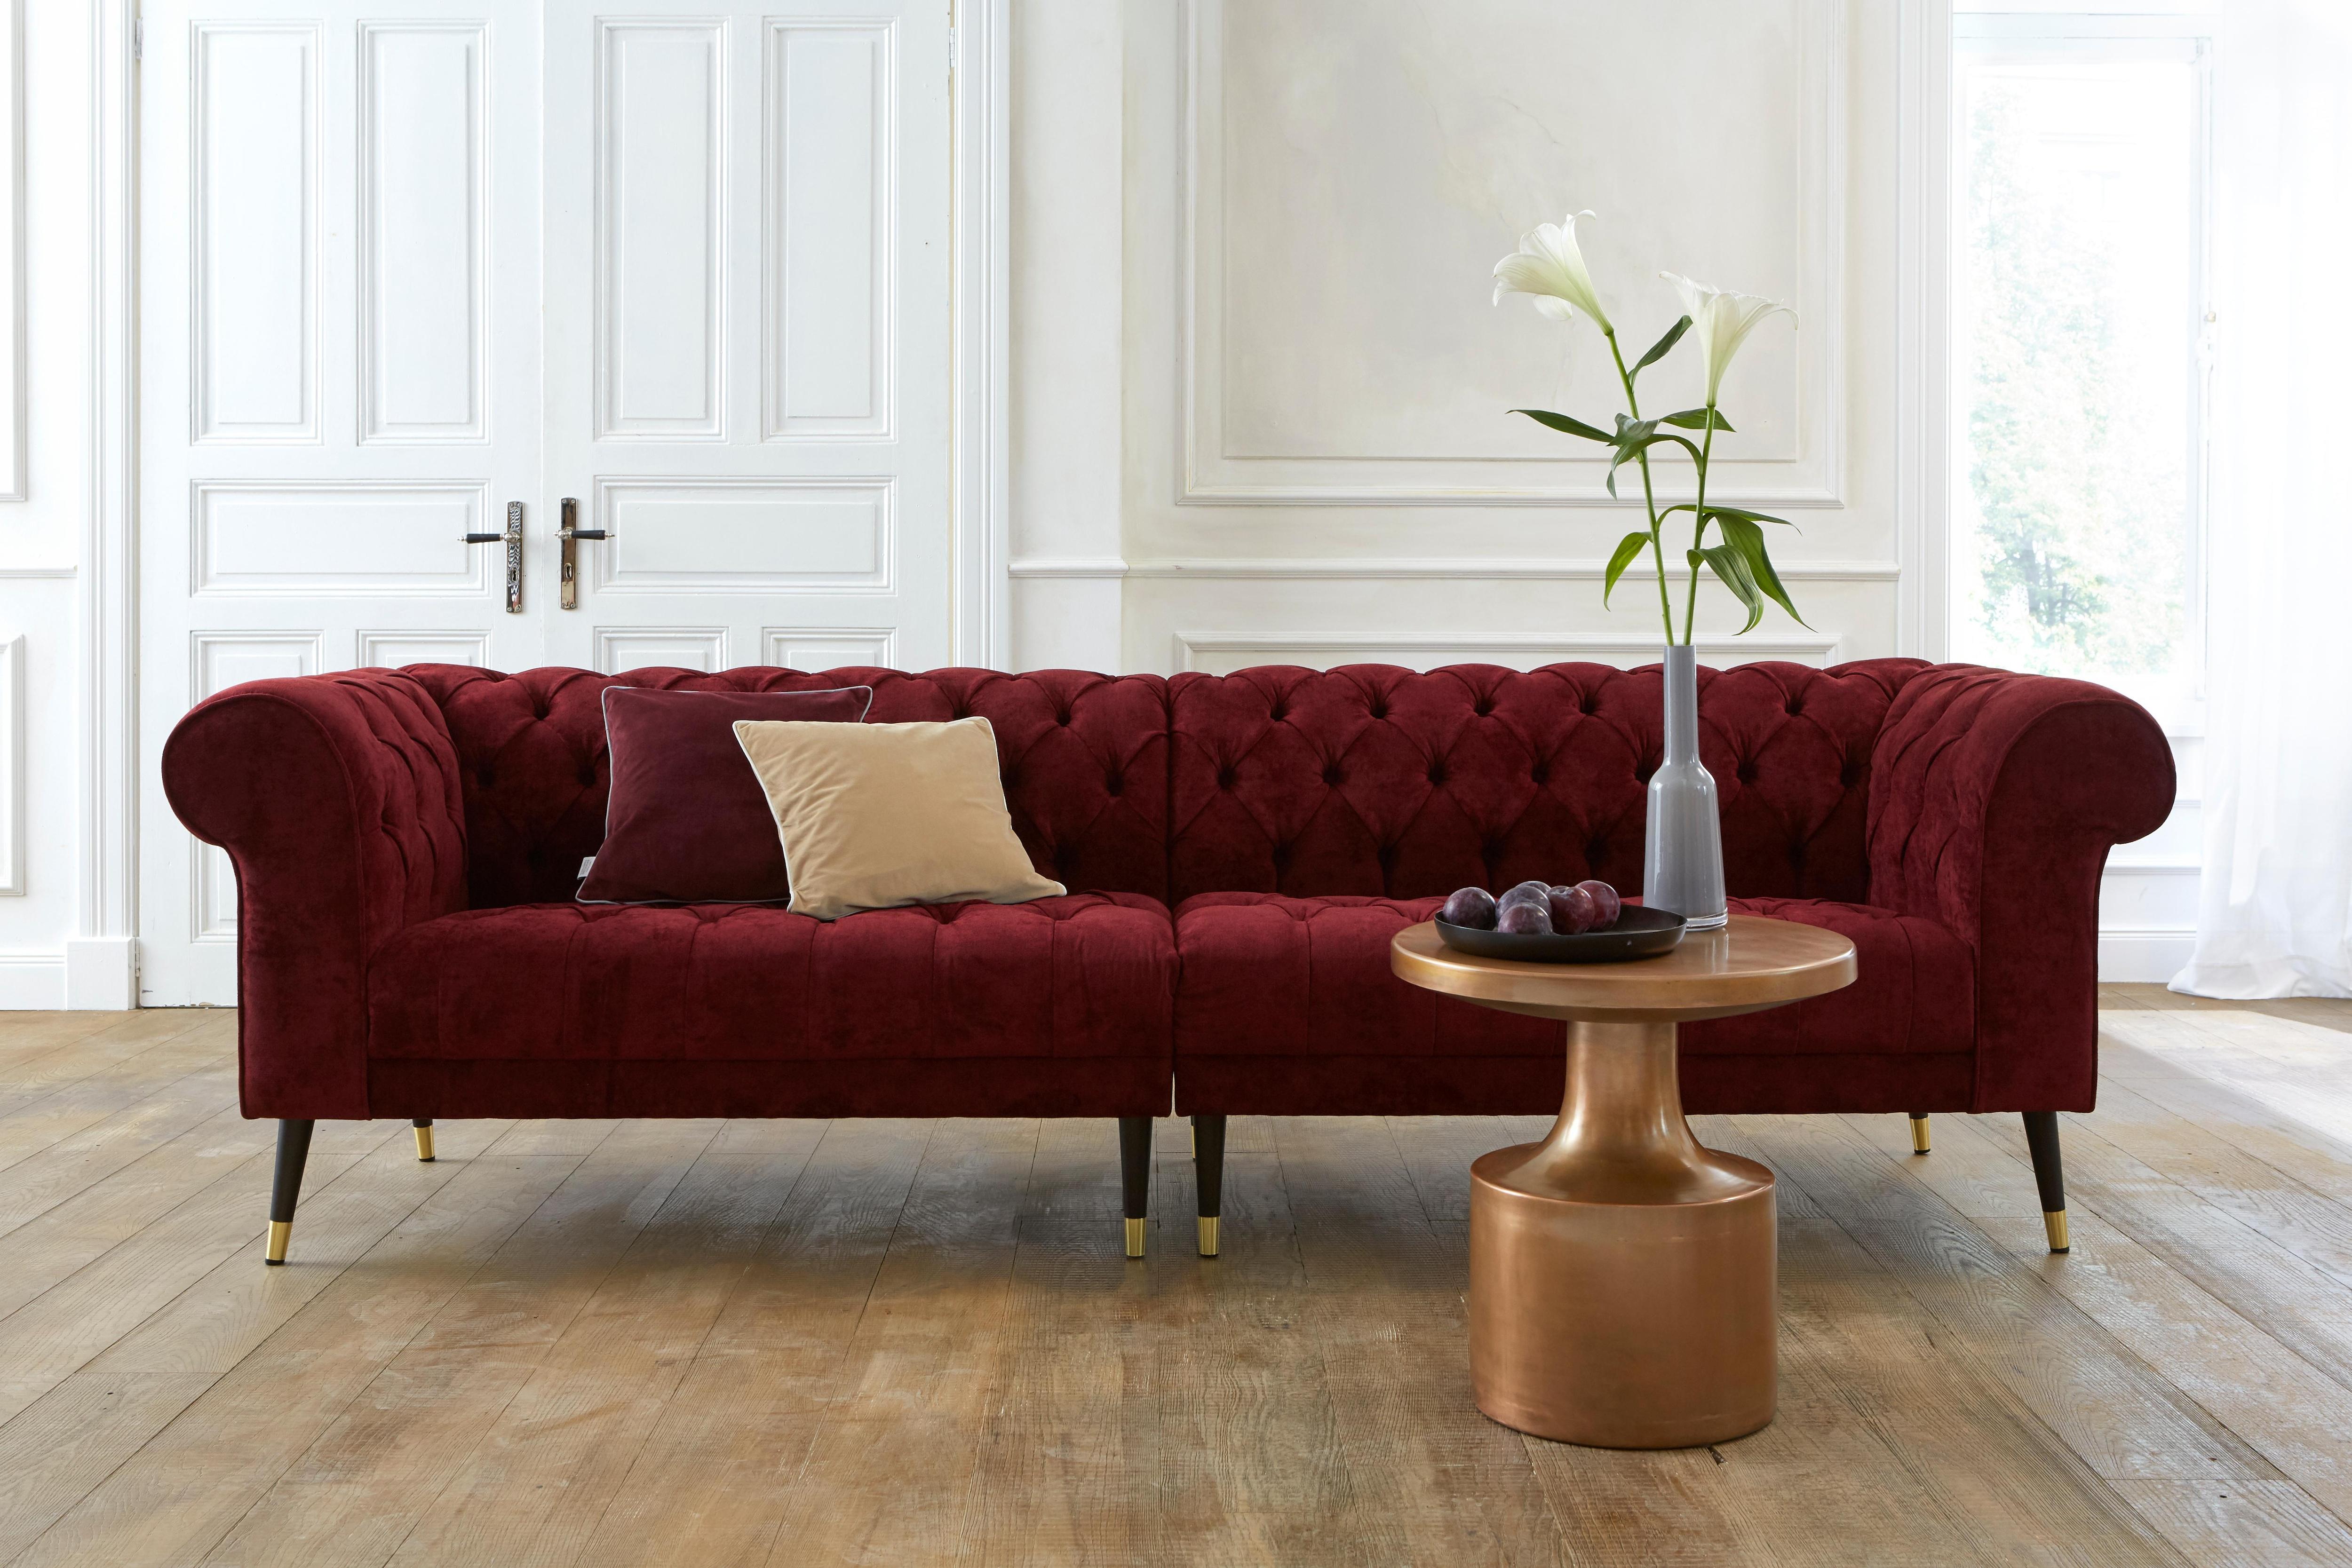 maravilla Chesterfield Sofas online kaufen | Möbel-Suchmaschine ...